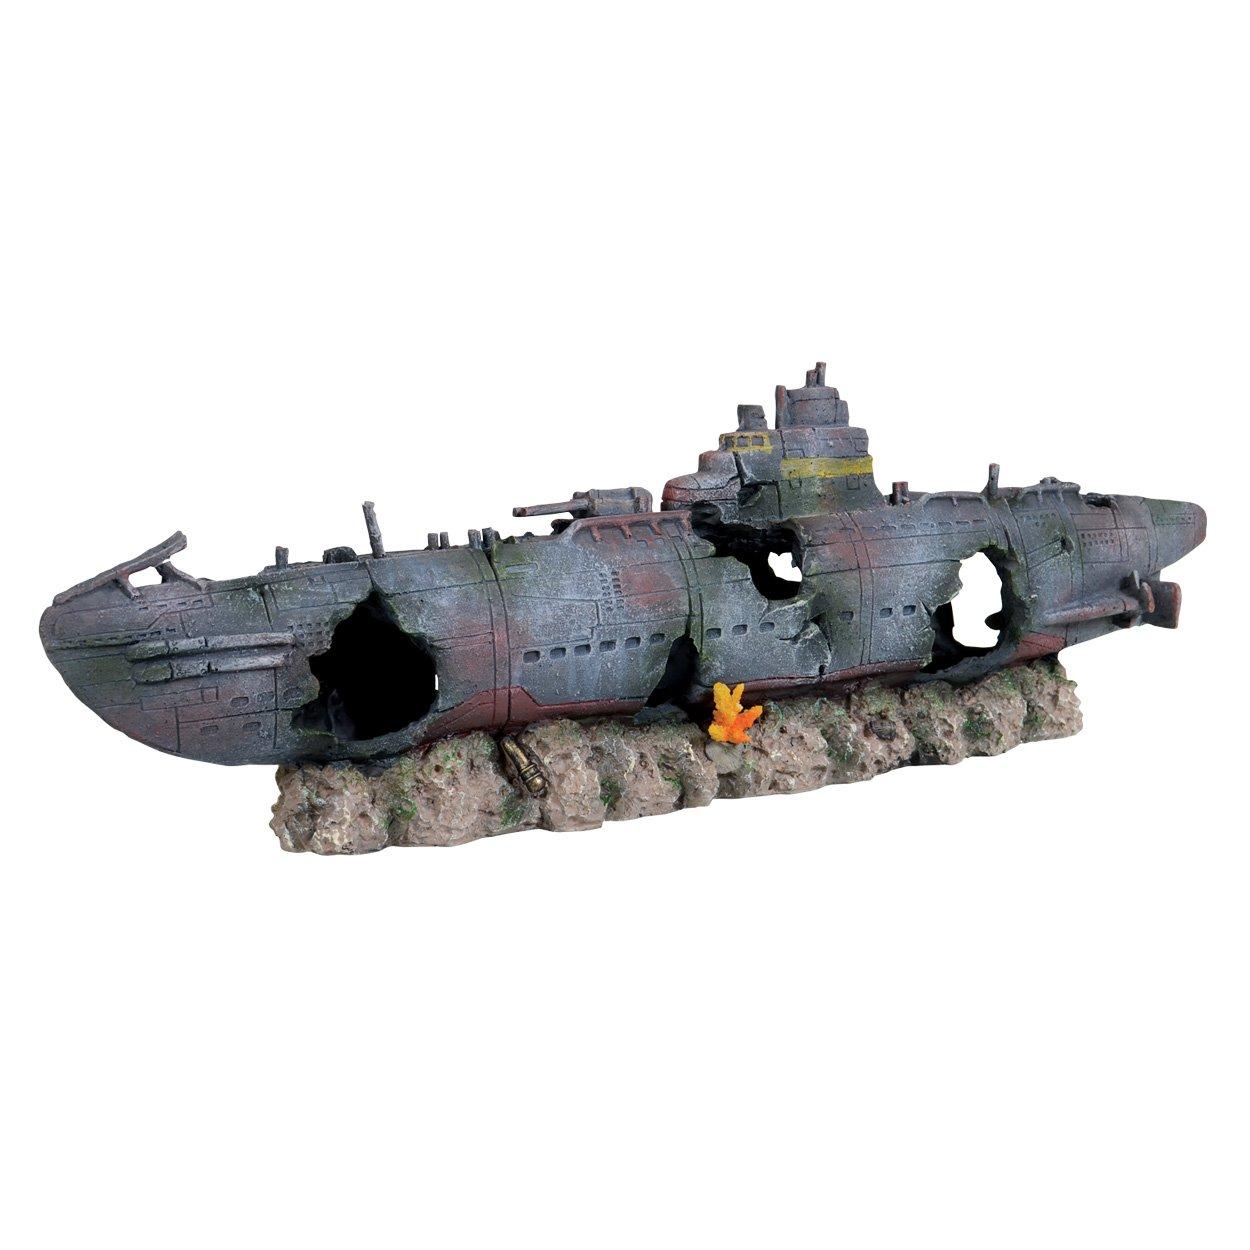 Underwater Treasures 53523 Atlantic Sunken Submarine by Underwater Treasures B00BS950FC